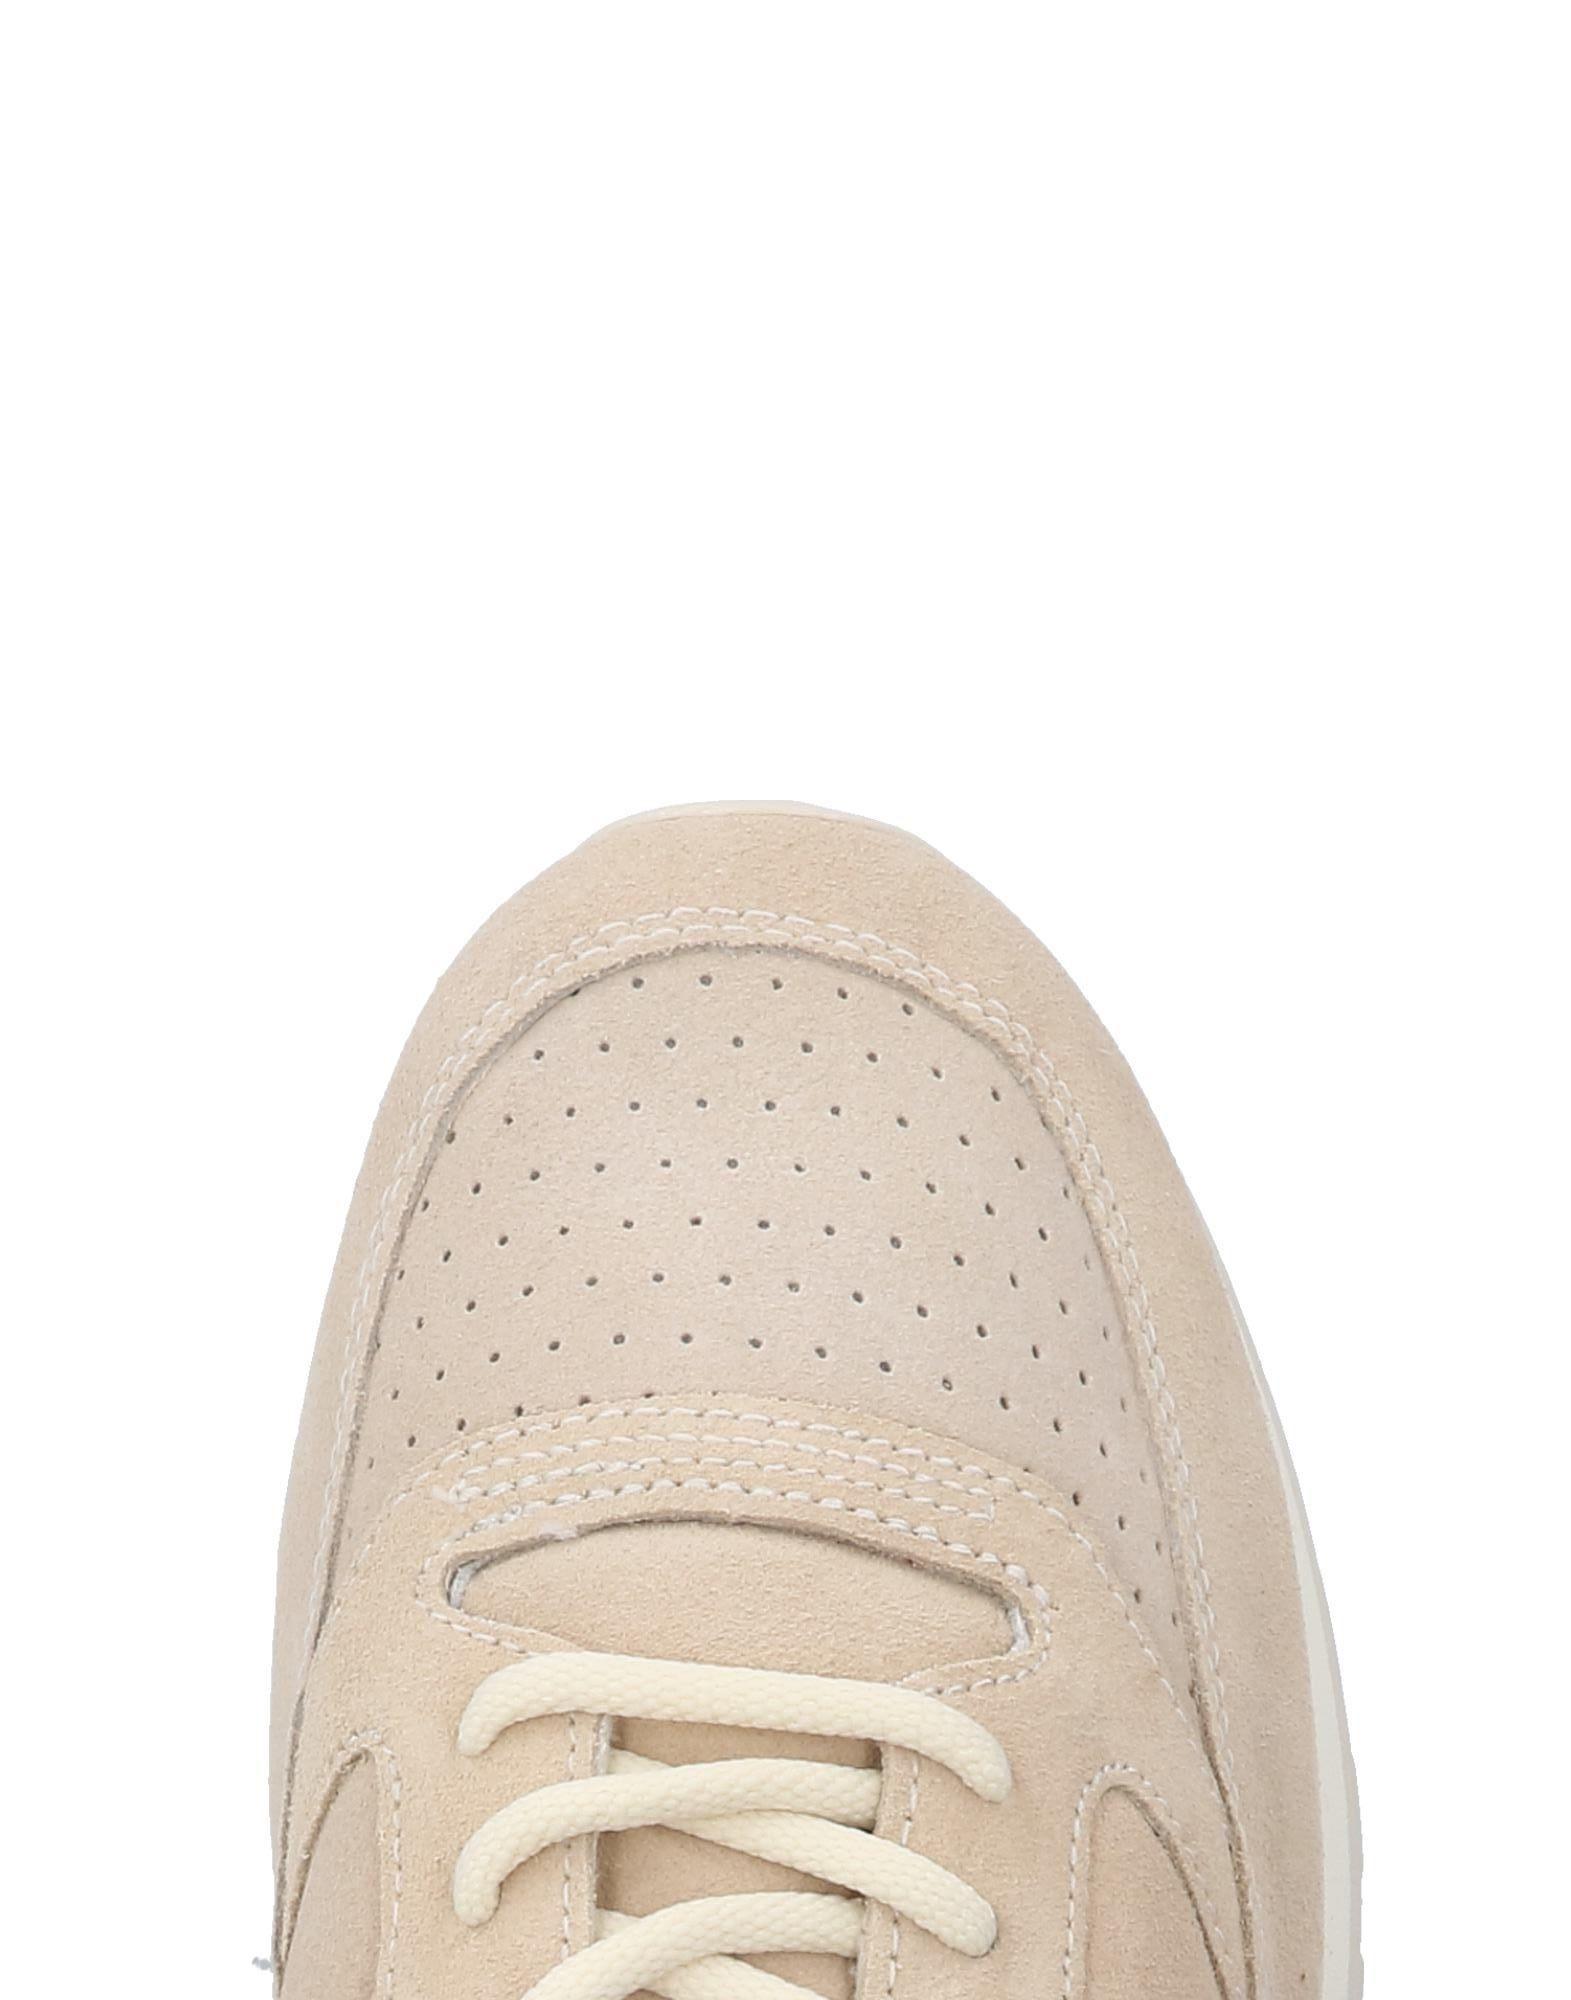 Rabatt Herren echte Schuhe Saucony Sneakers Herren Rabatt  11493291RQ 83fba4